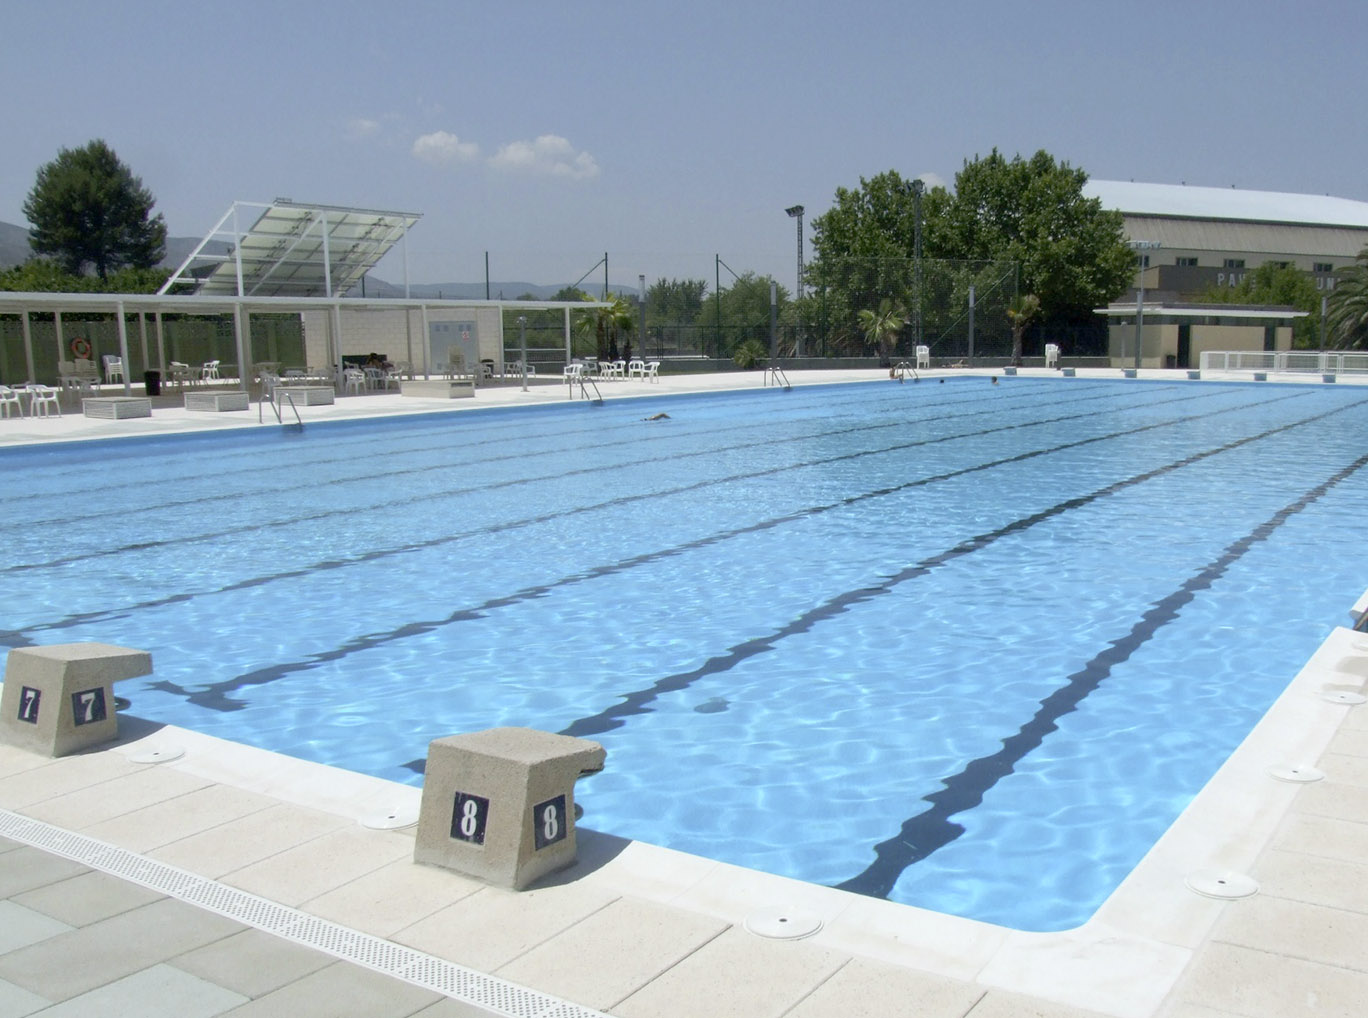 La Federación descarta homologar la piscina de verano El Periòdic d'Ontinyent